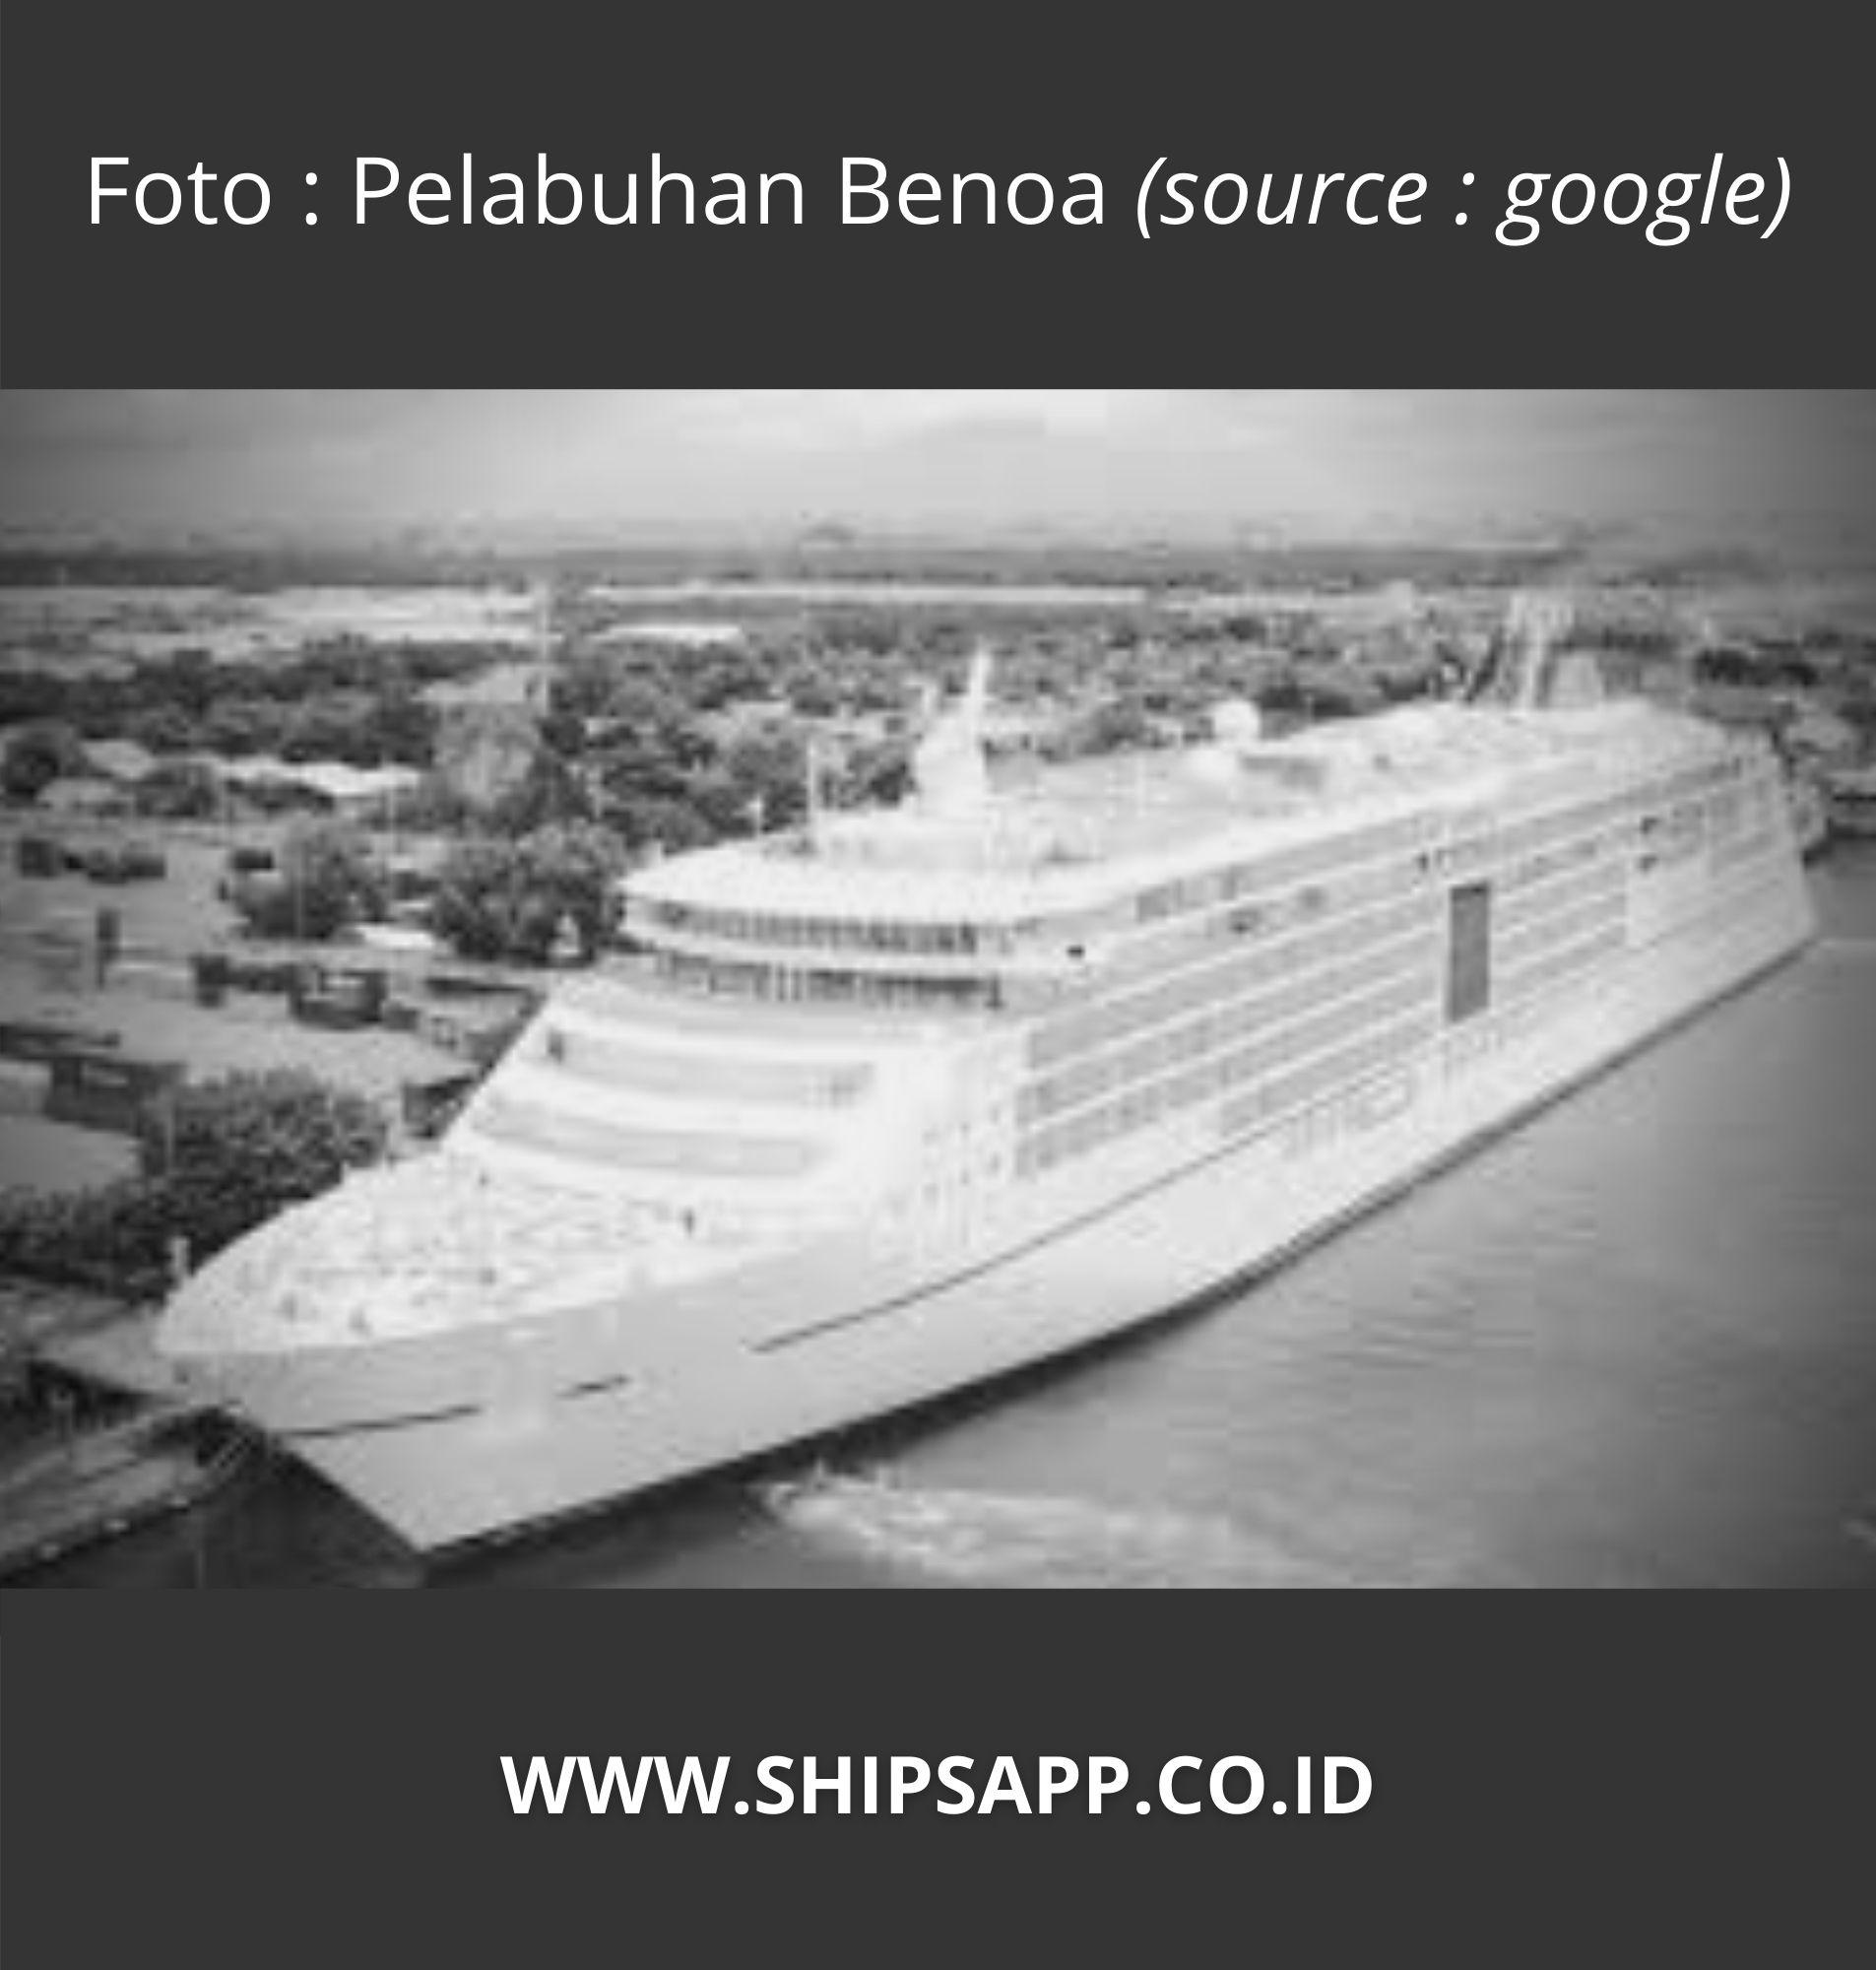 Sejarah Pelabuhan Benoa